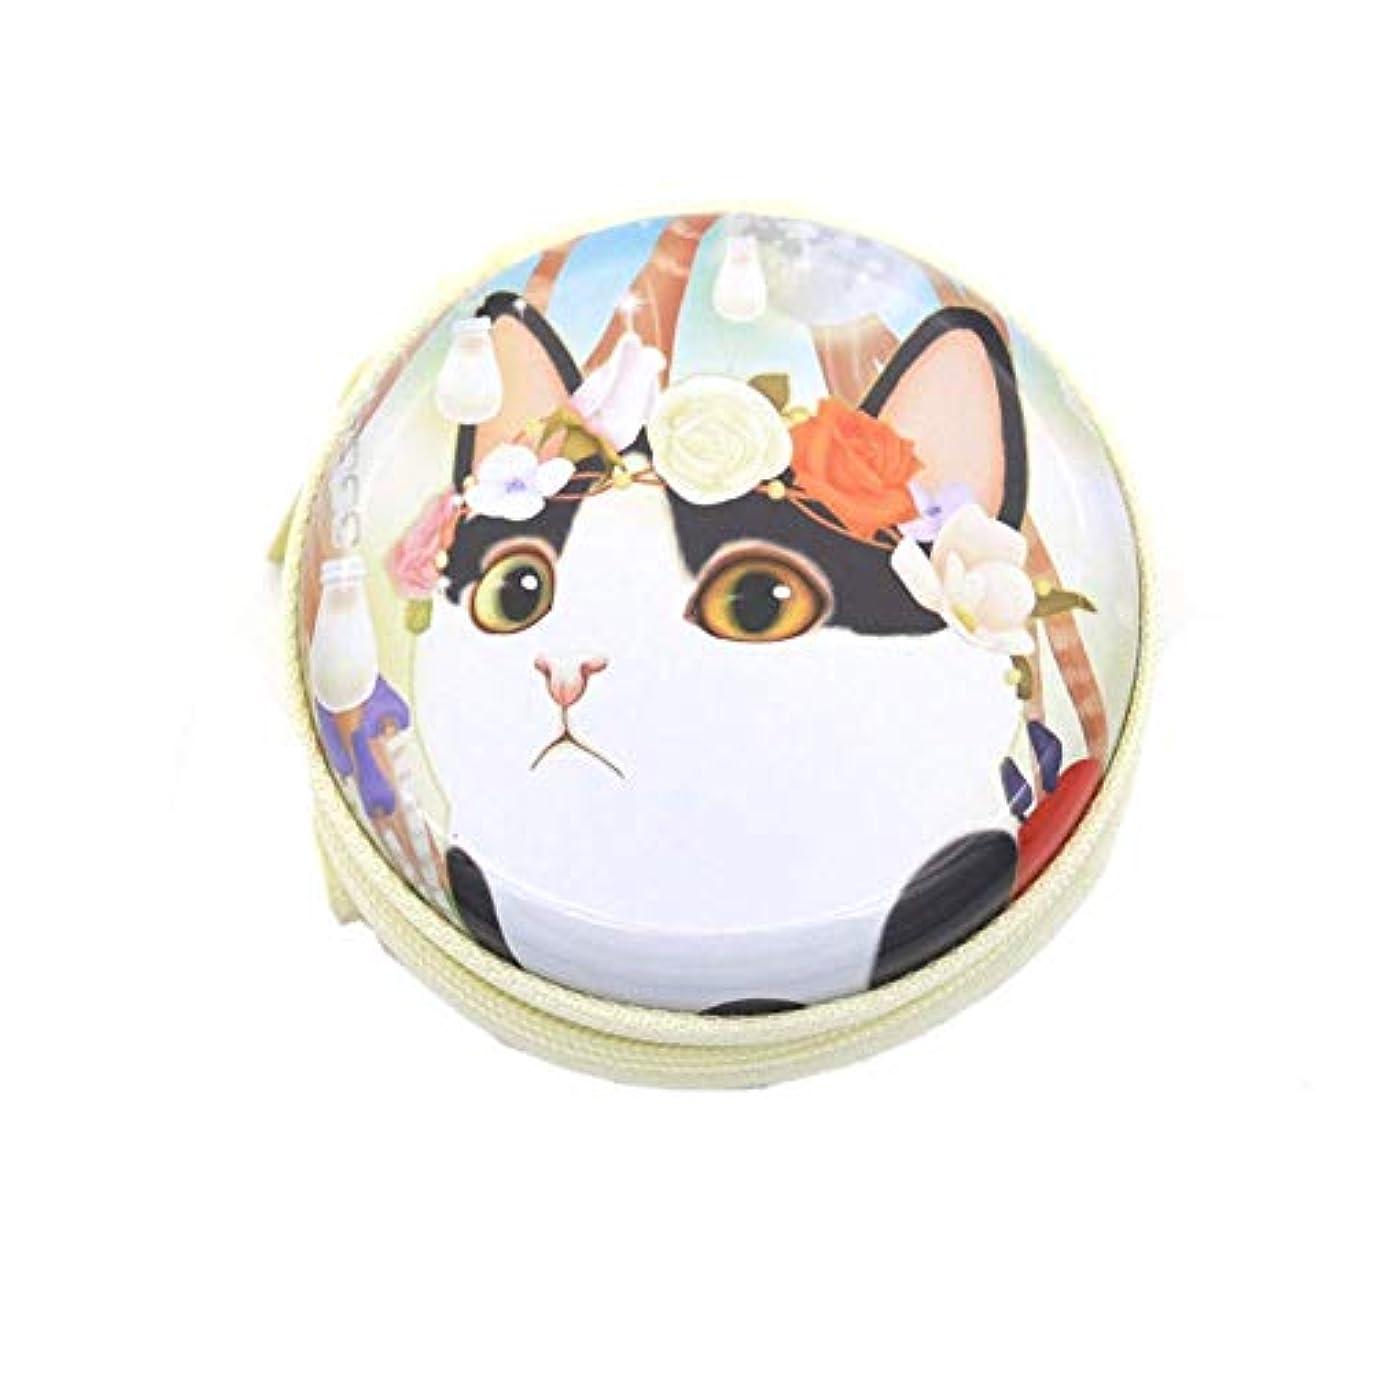 クローゼット到着冬Chinashow エッセンシャル オイル キャリング ケース - かわいい 猫 プリント エッセンシャル オイル スモール ストレージ オーガナイザー フォーム インサート と 7本 ボトル付き(2ml) ピンク